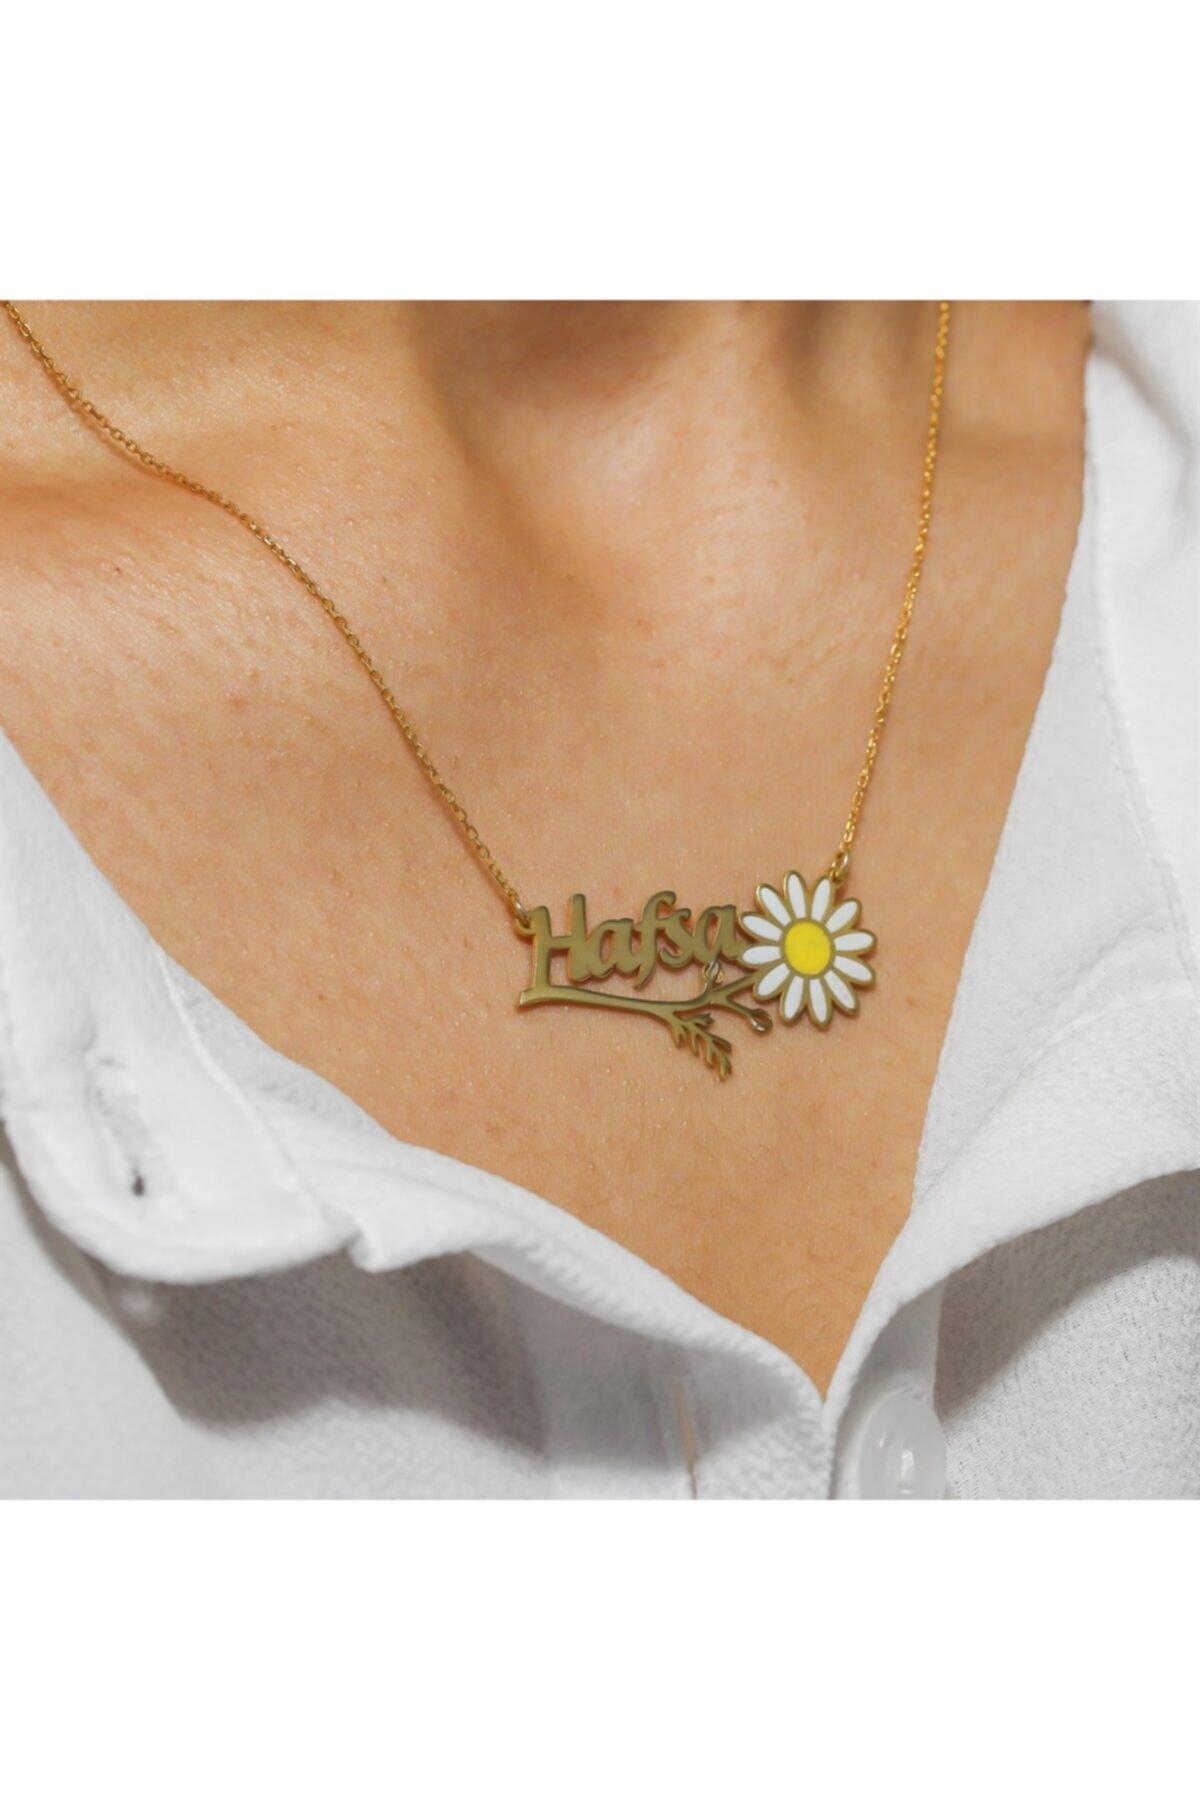 Silverplus Kişiye Özel Isimli Altın Renk Gümüş Bayan Papatya Kolye 2